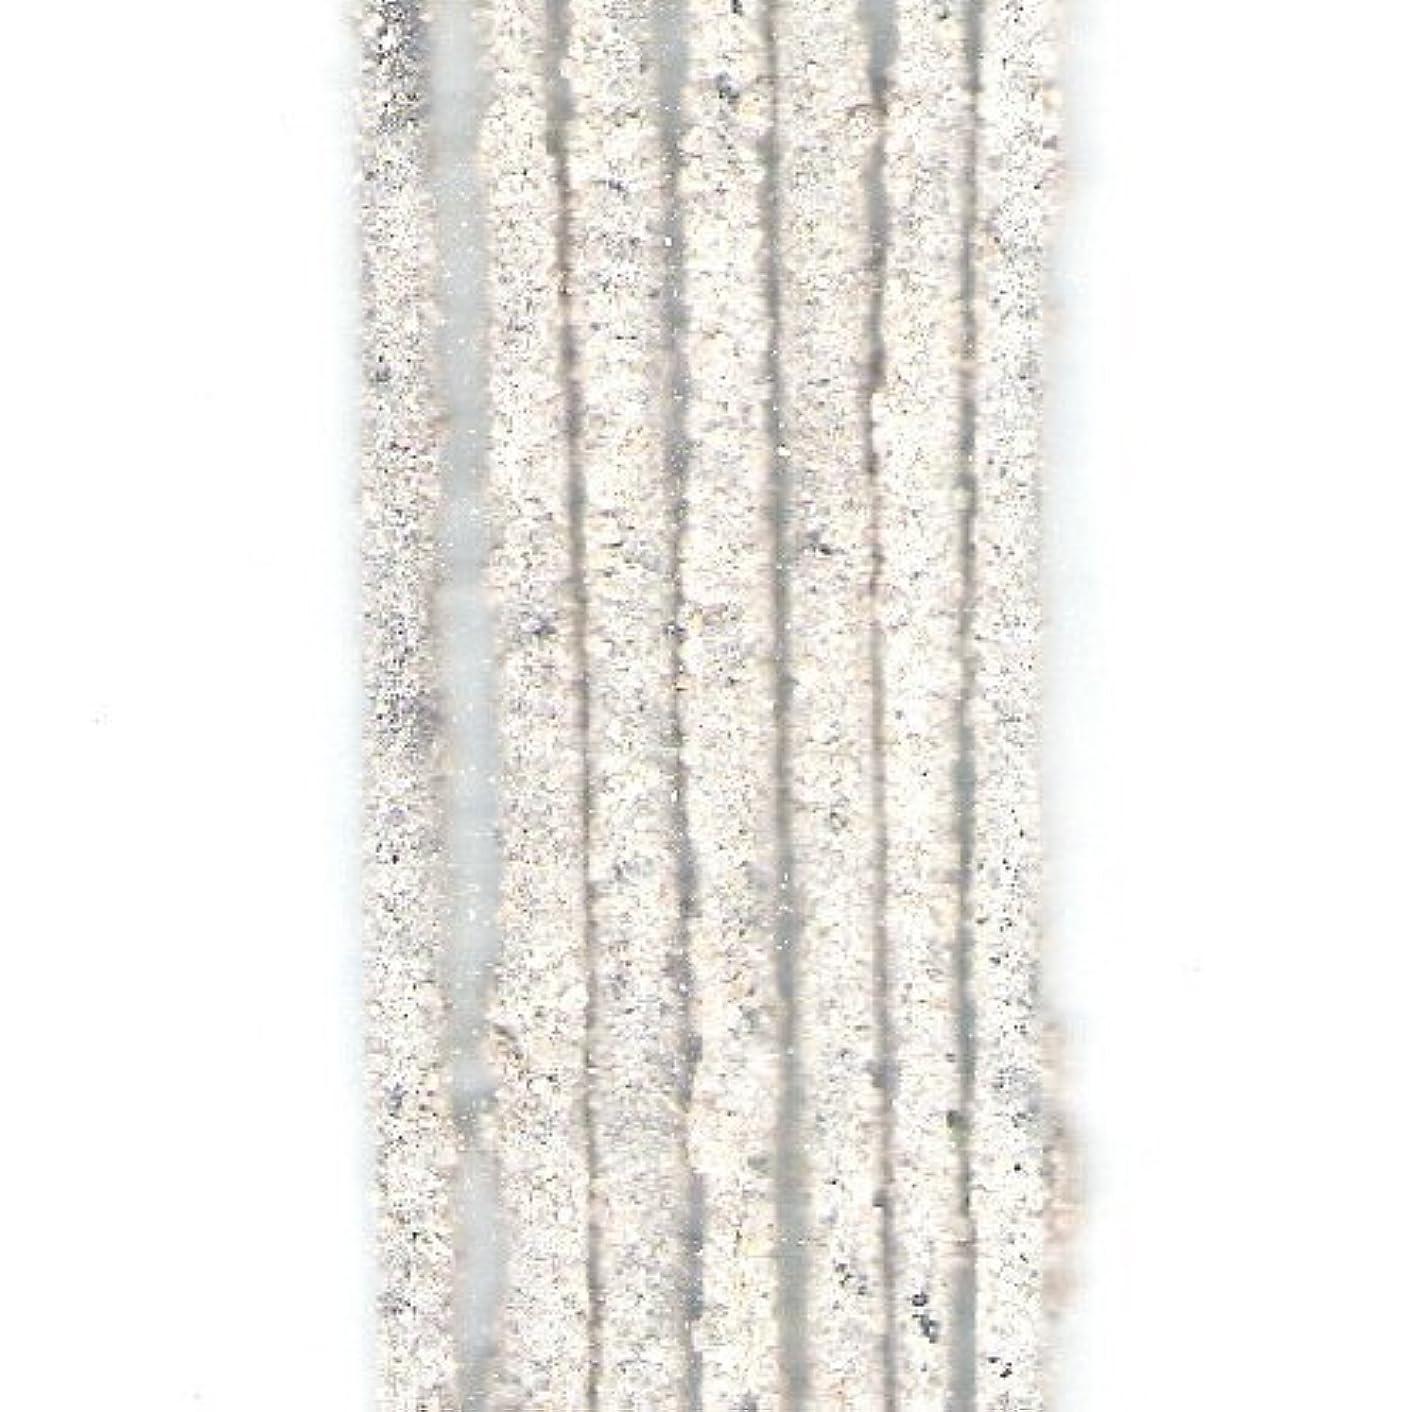 筋肉の暗殺する強調するNature Frankincense Benzoin Pure樹脂over Stick Incense 10 Sticks